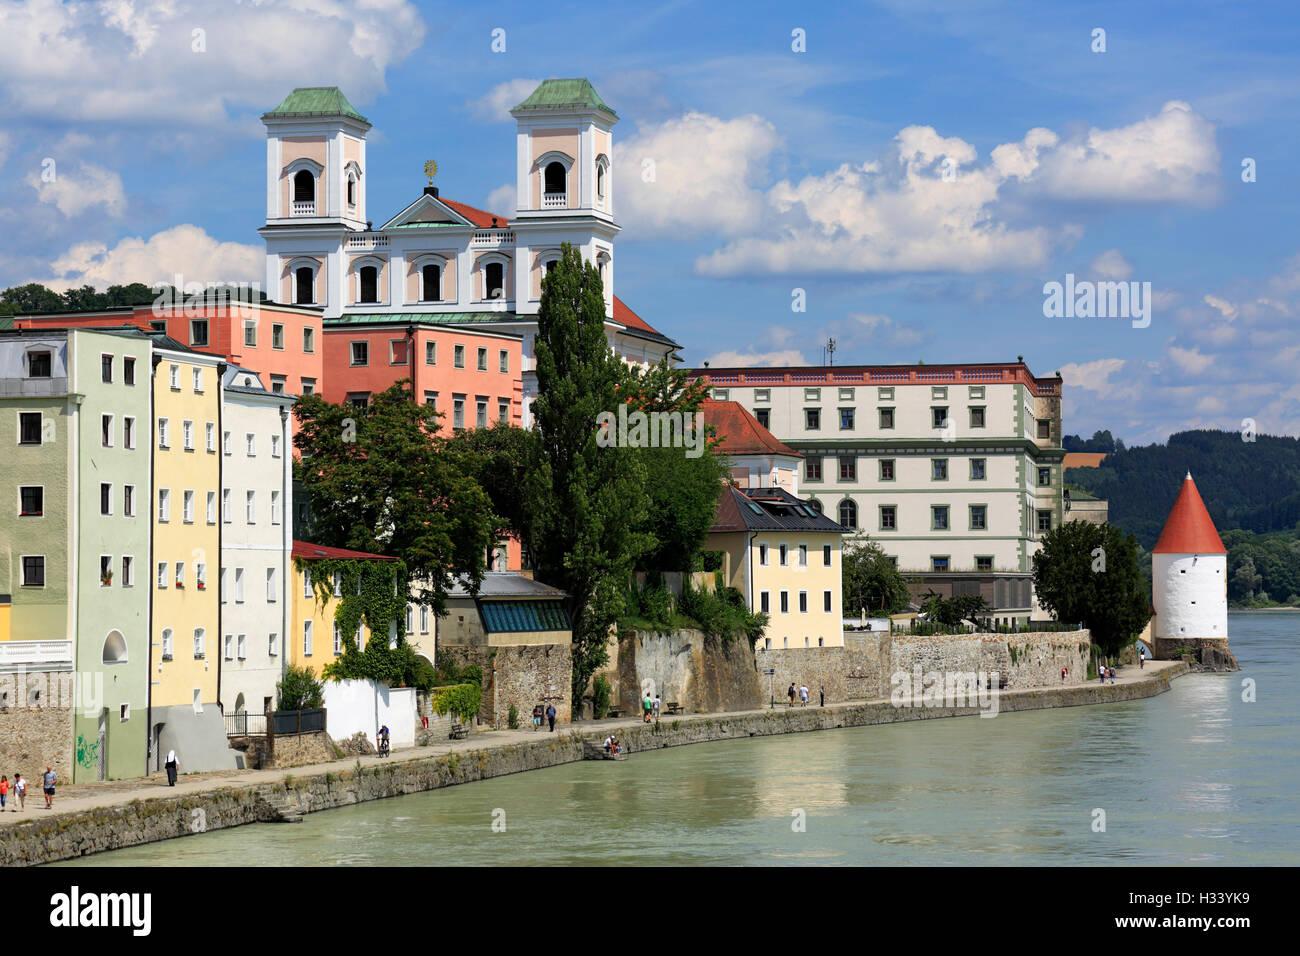 Jesuitenkirche mit Gymnasium Leopoldinum und Schaiblingsturm in Passau, Niederbayern, Bayern - Stock Image